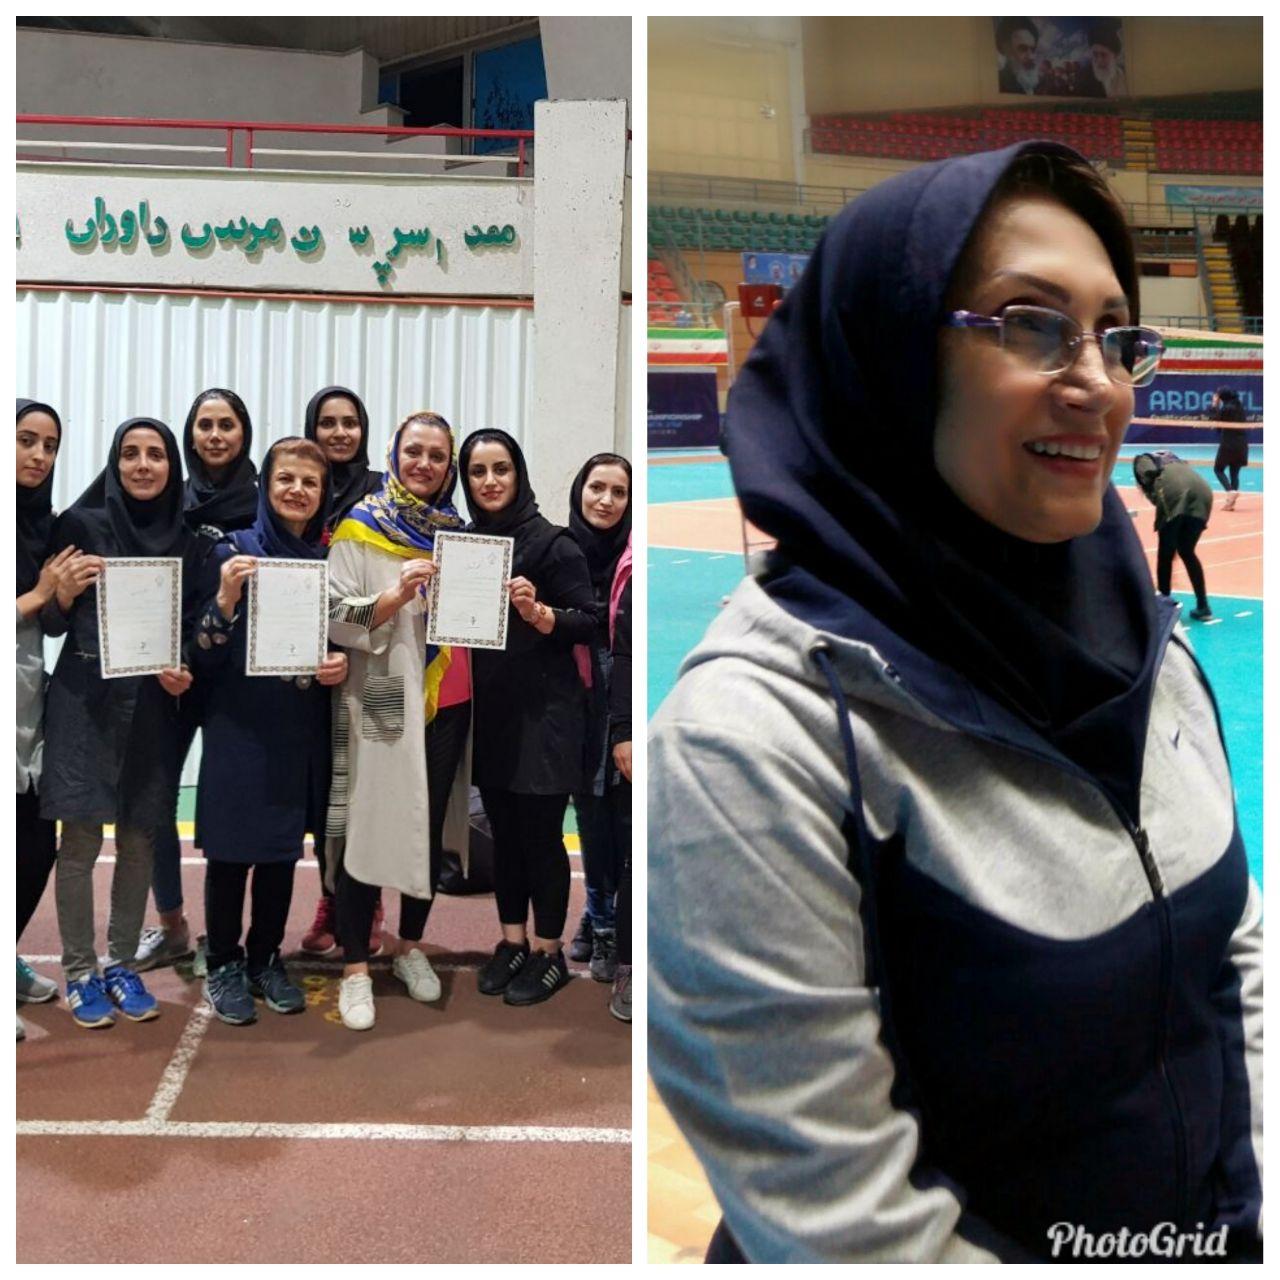 مقام چهارم استانی تیم آمادگی جسمانی لاهیجان